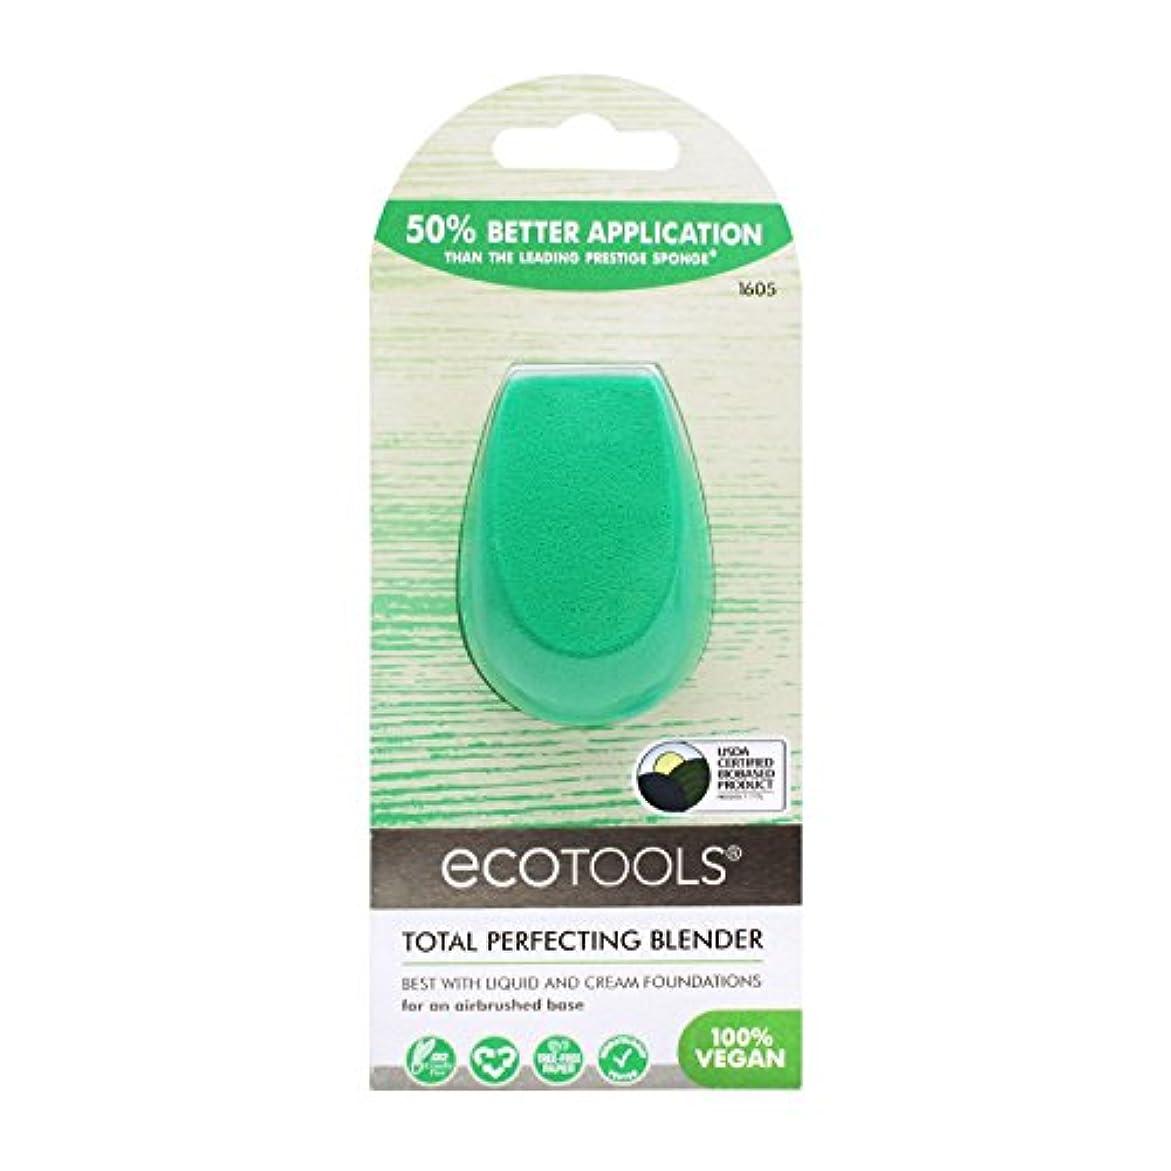 責め通行人推論Ecotoolsトータルパーフェクティングビューティーブレンダーストッキングフィラー、30 g